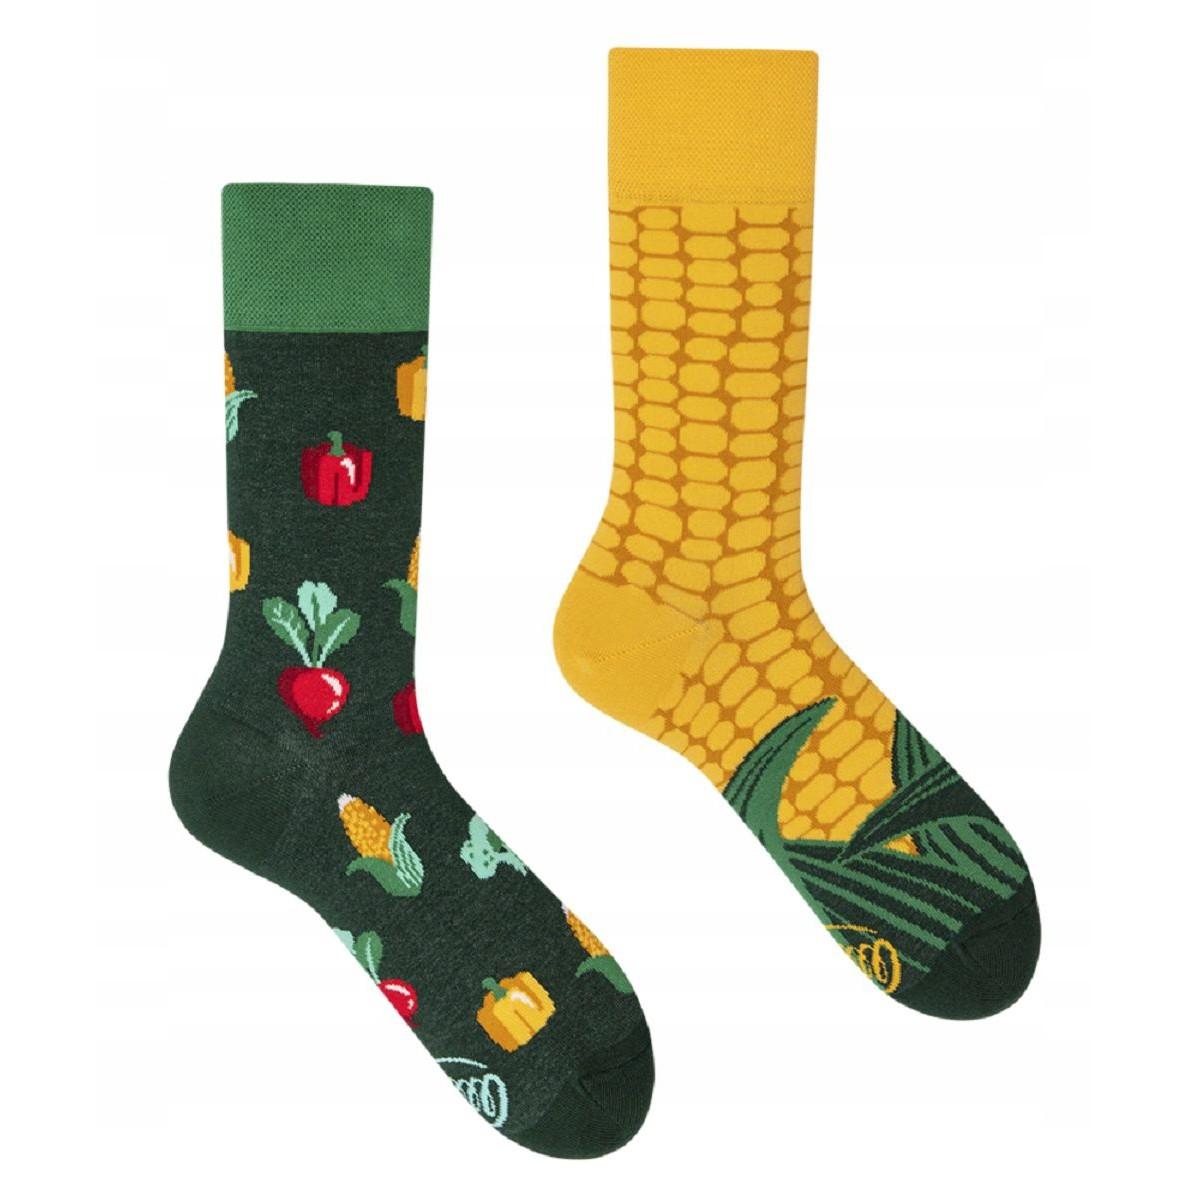 veselé ponožky VEGGIE MIX kukurica zelenina 39-42 farebné megamix.sk